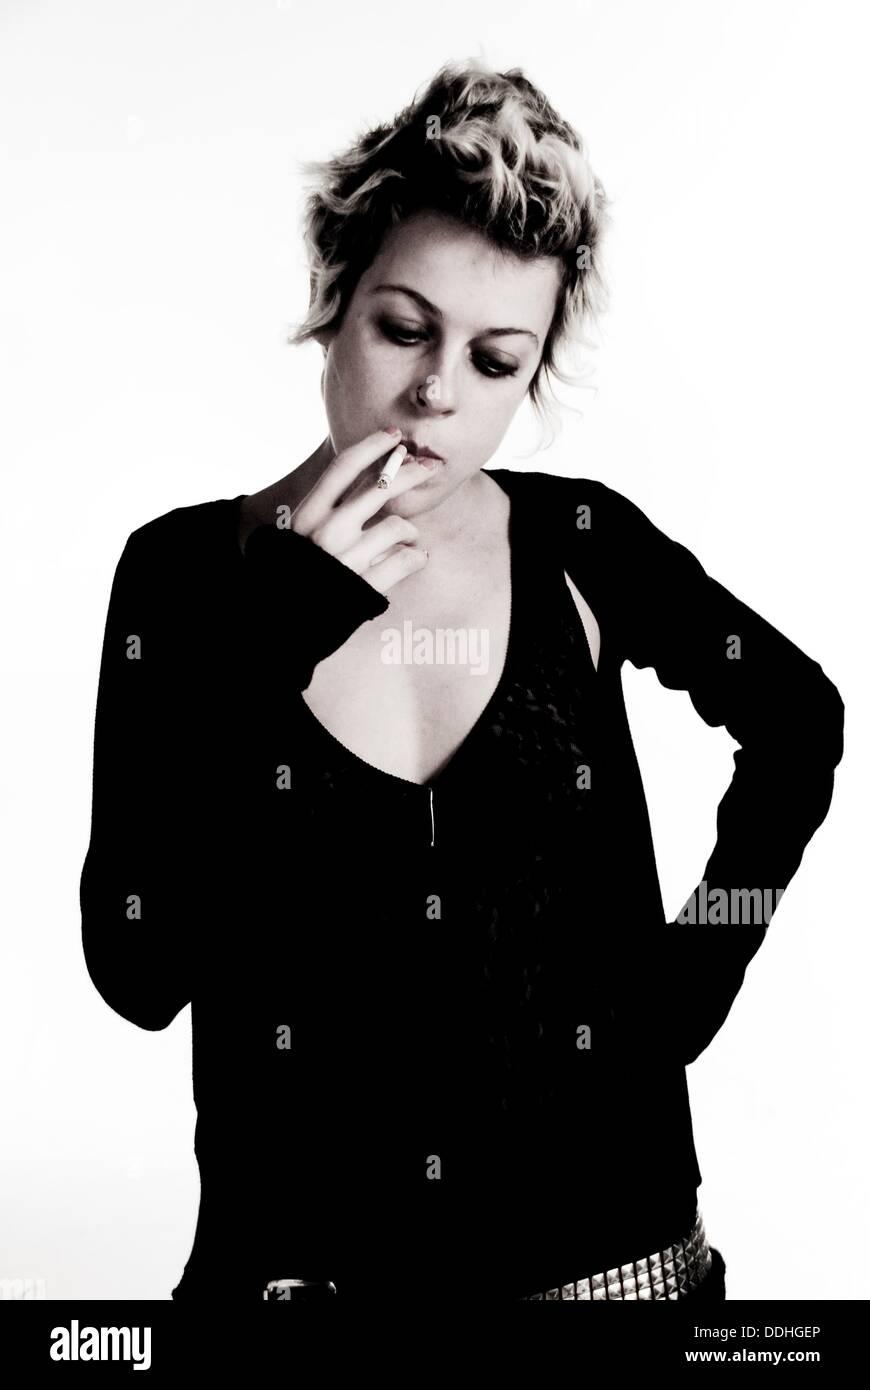 Studio-Porträt eines alternativen junge Mädchen Rauchen. Stockbild